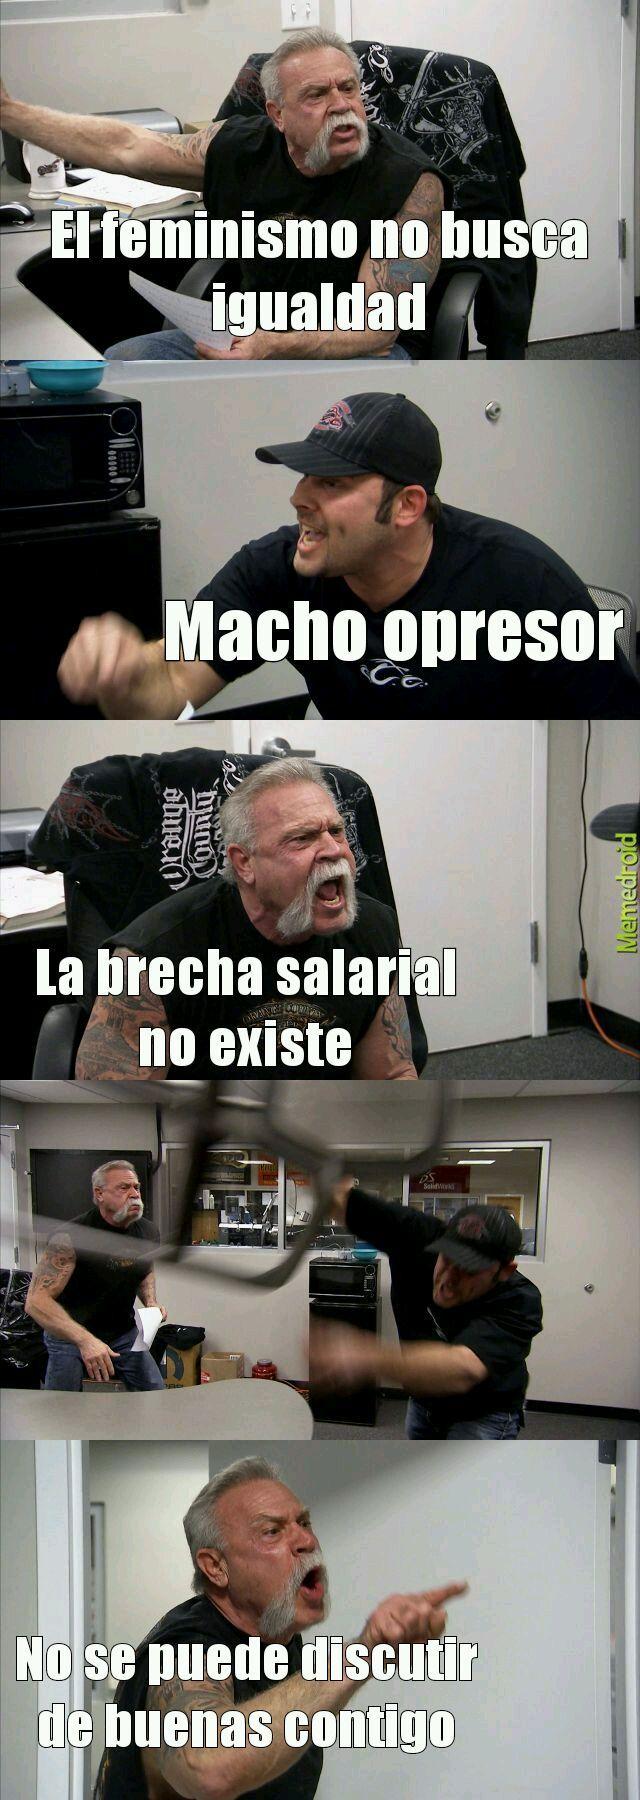 Original acepten (feminismo shit) - meme